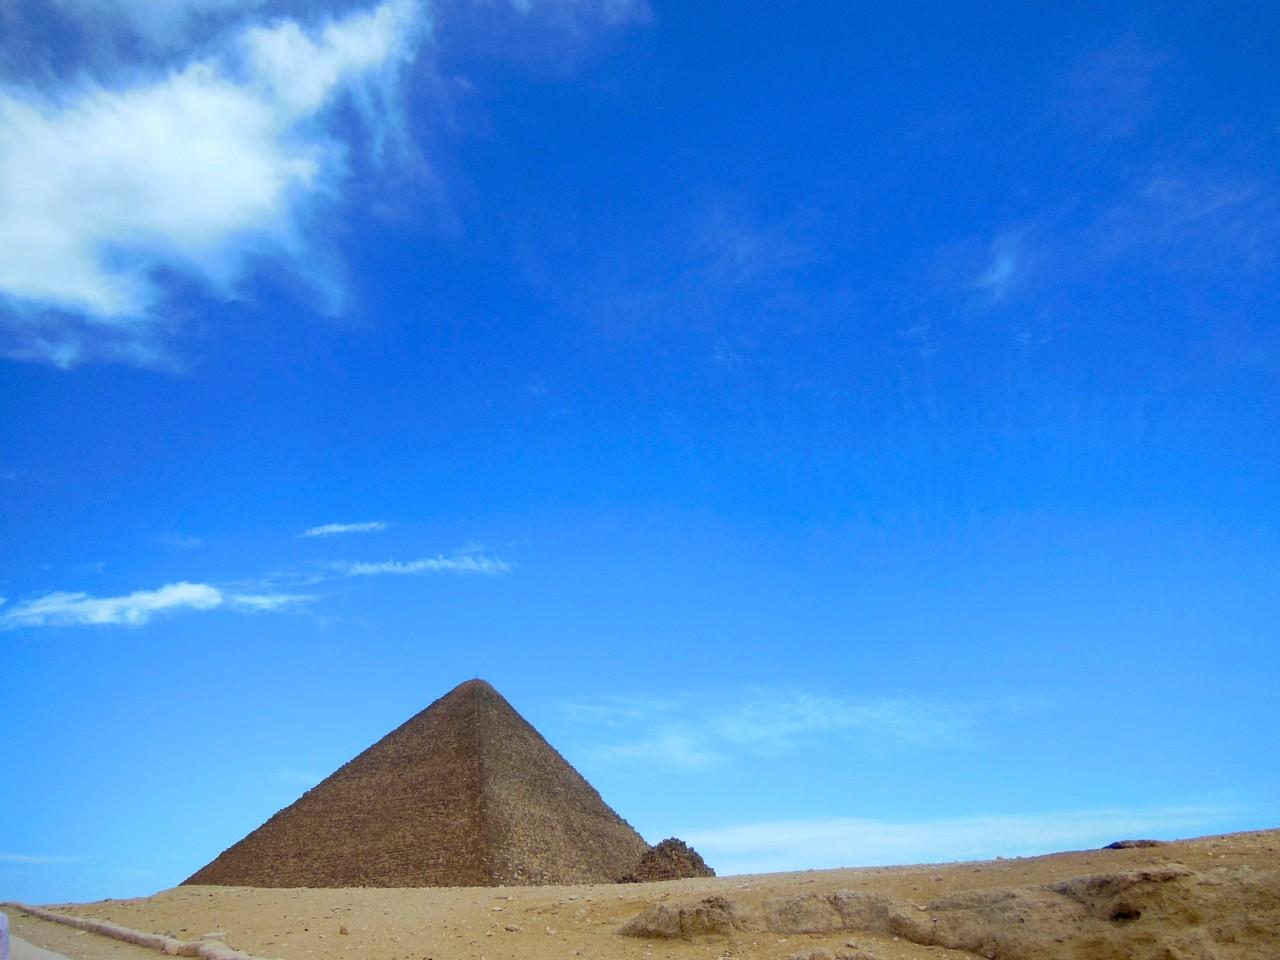 再びのピラミッド